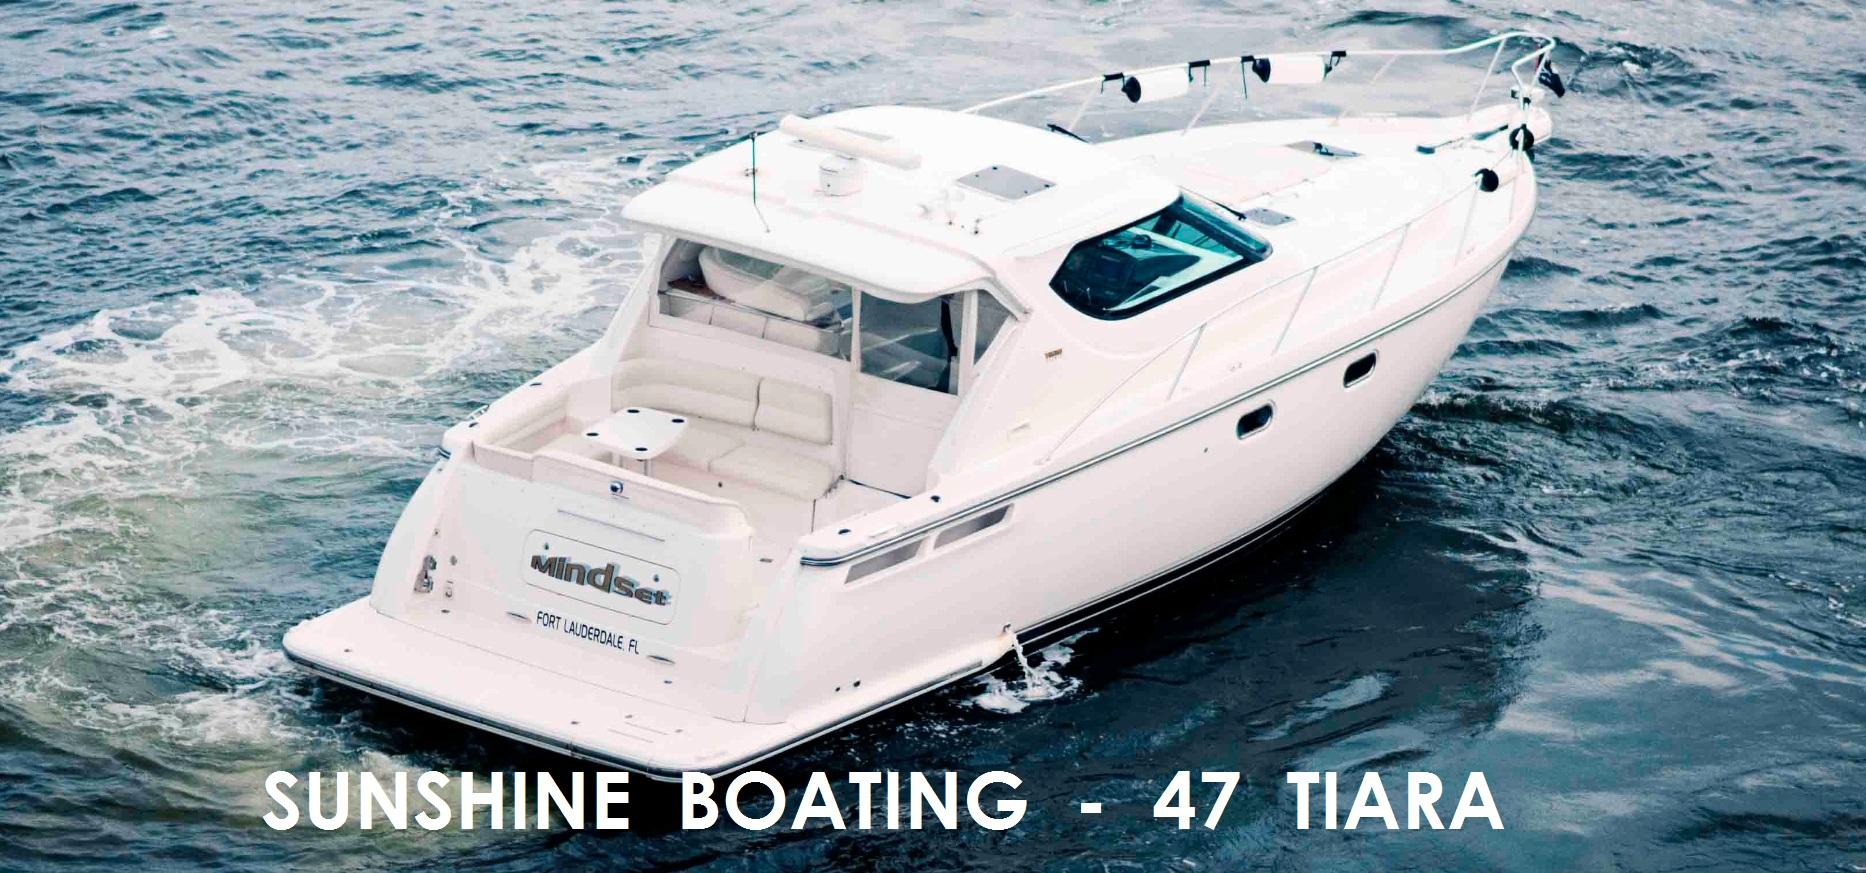 sunshine-boating-47-tiara-1